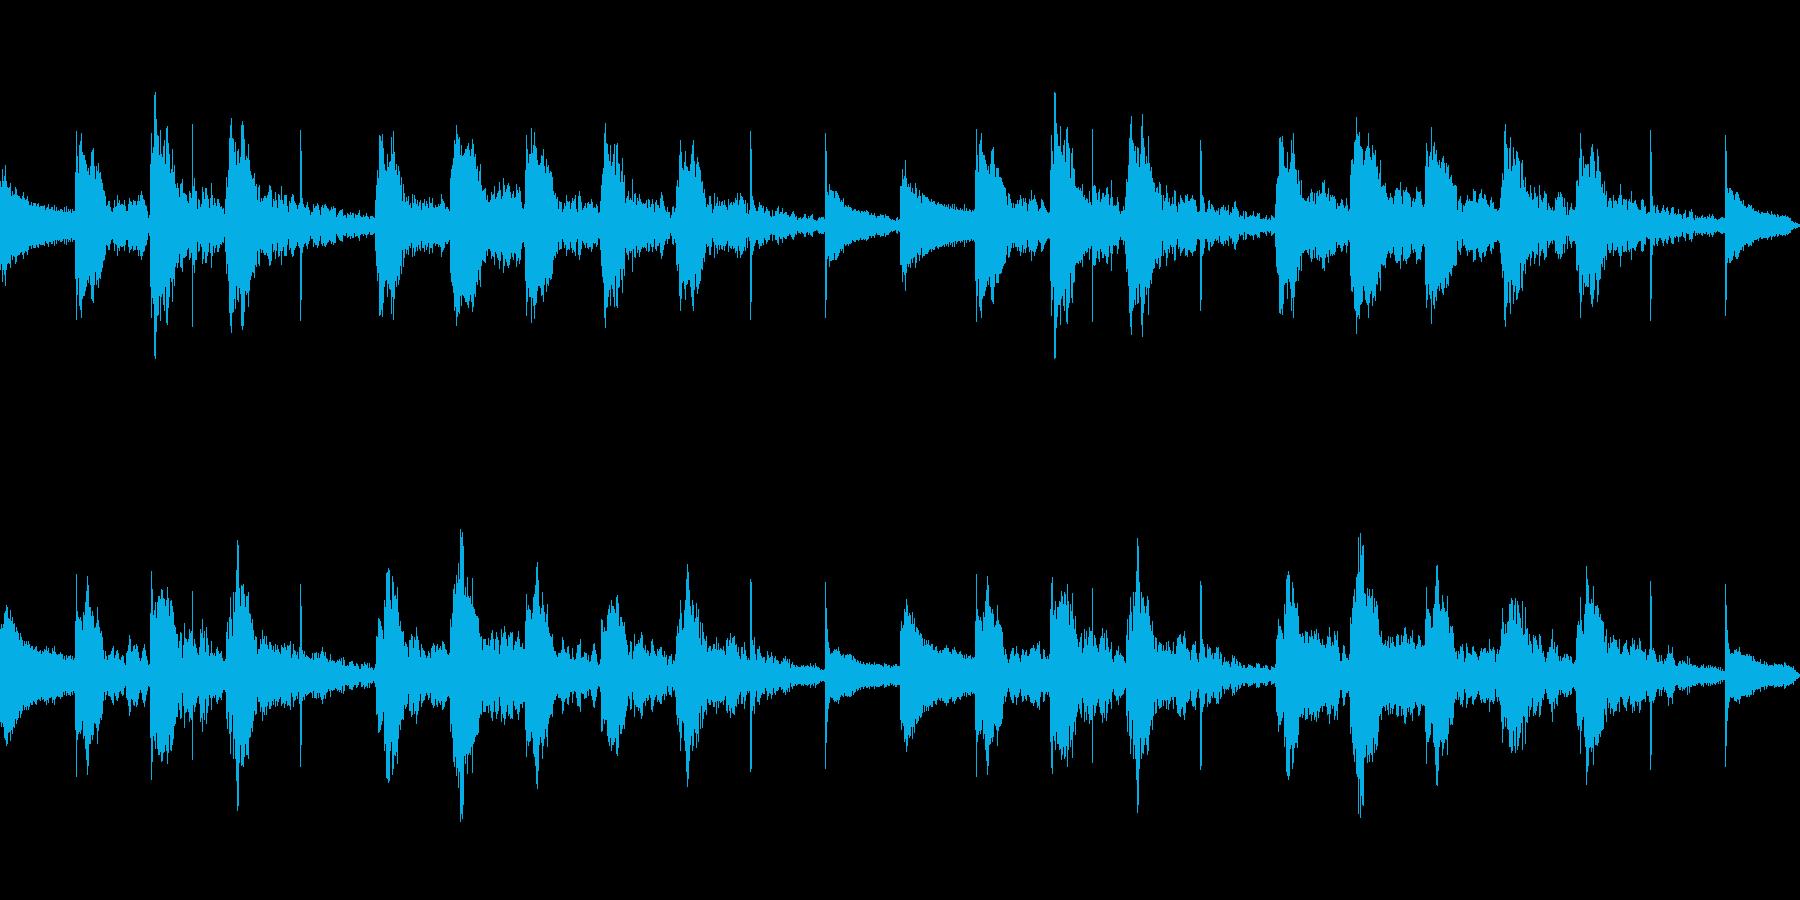 困惑 コミカル ループの再生済みの波形